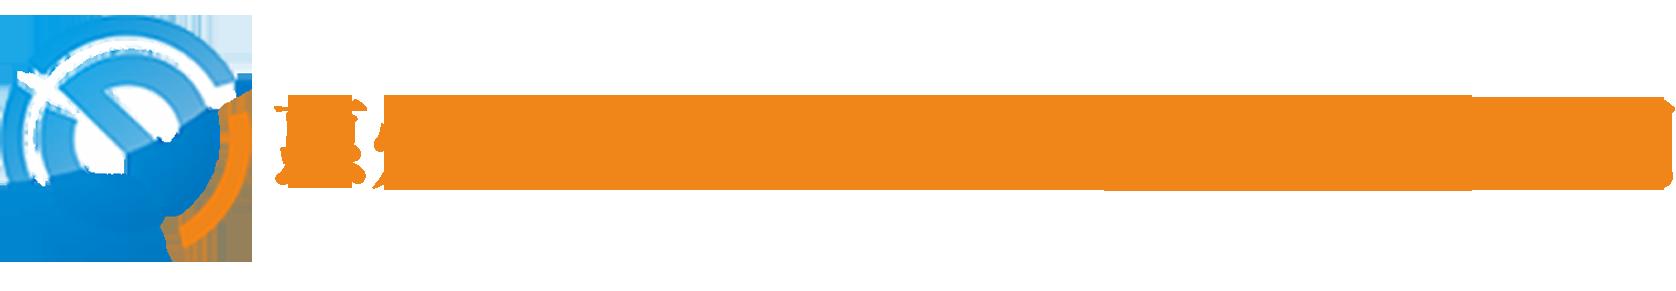 惠州萤火虫网络小朱